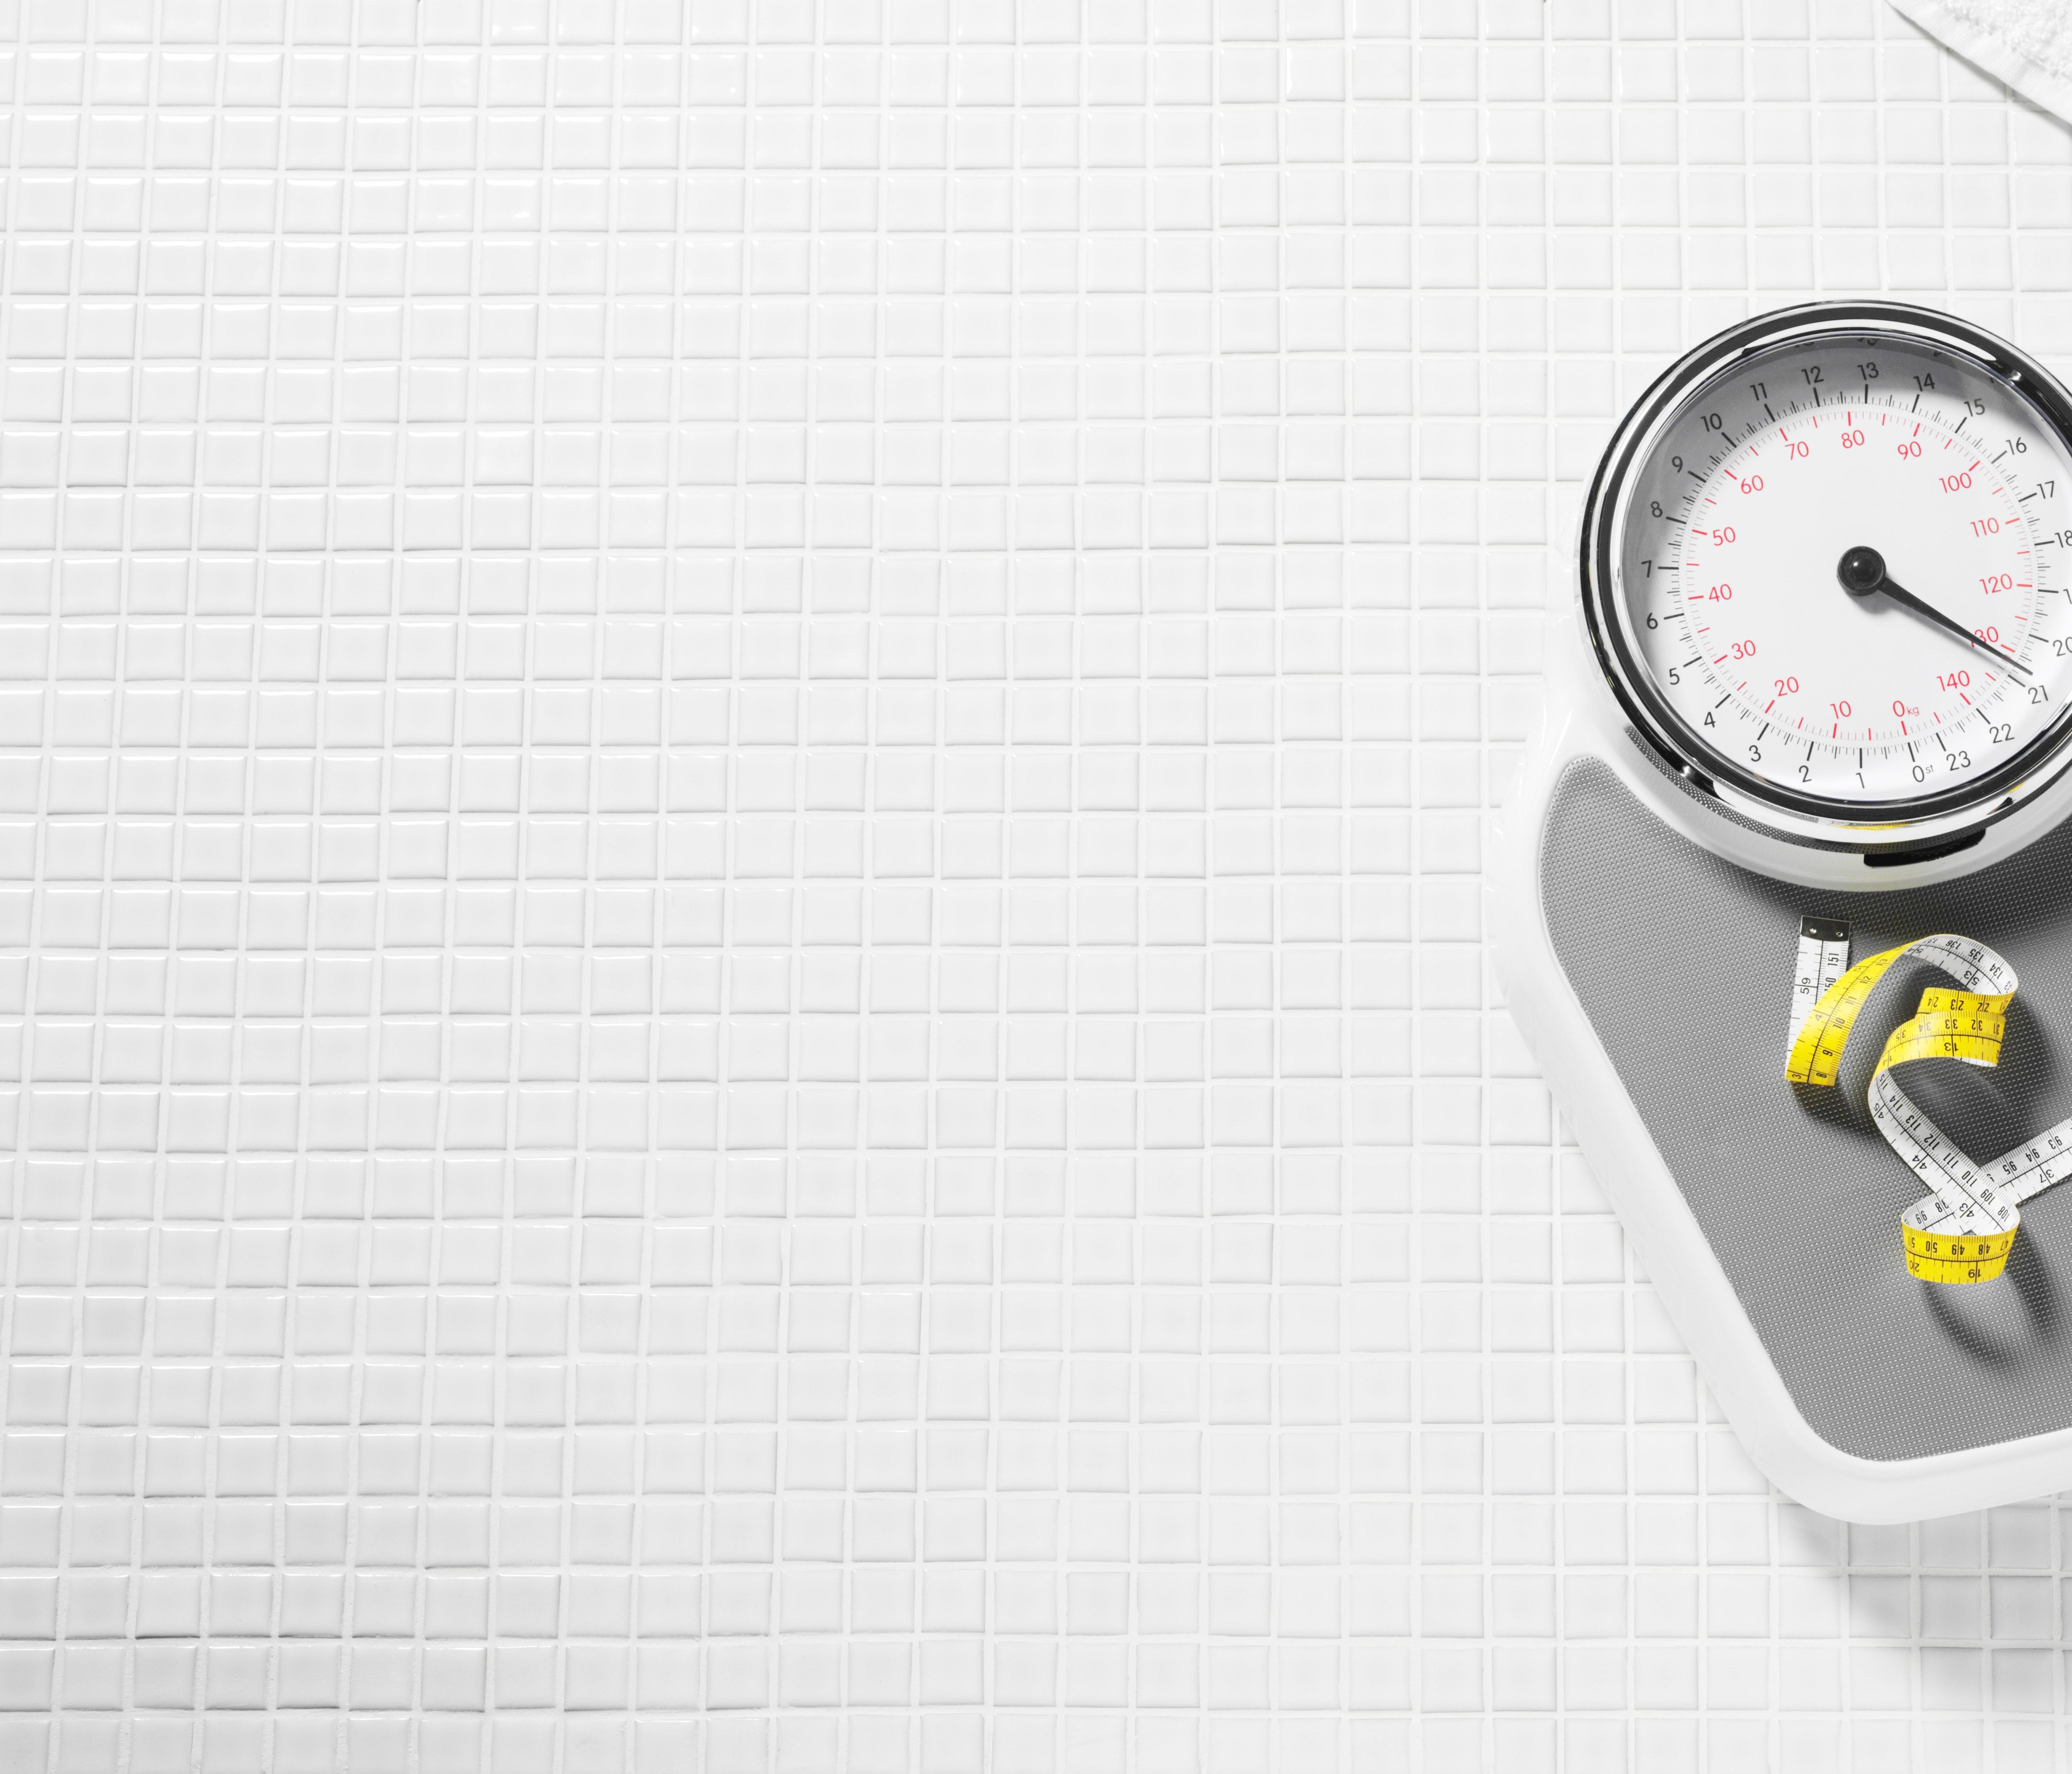 cuales son los medicamentos controlados para bajar de peso